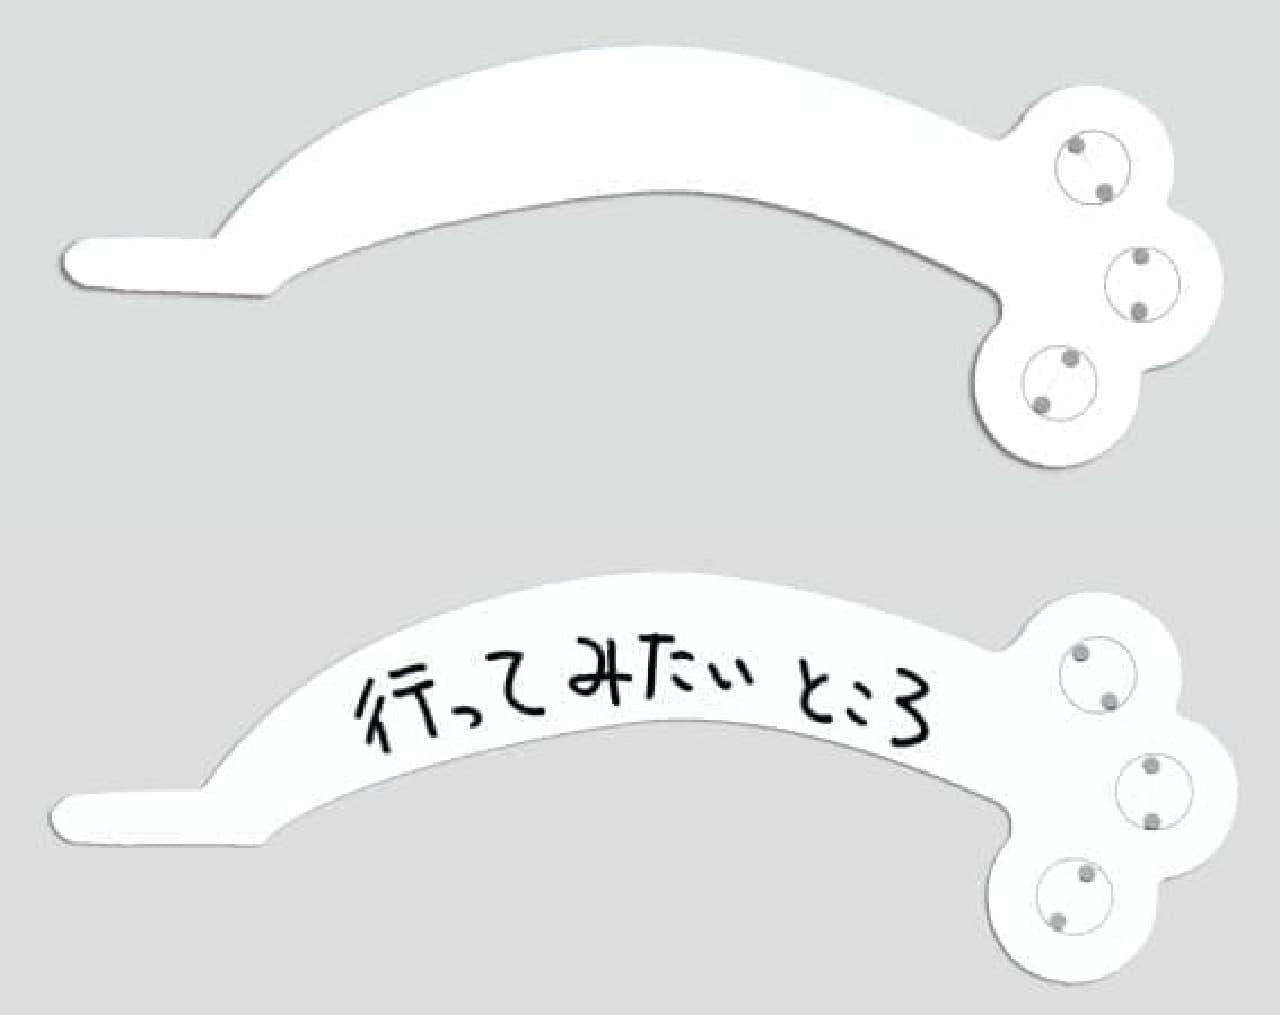 アイデアワーク・ツール「neko note(ねこのーと)」